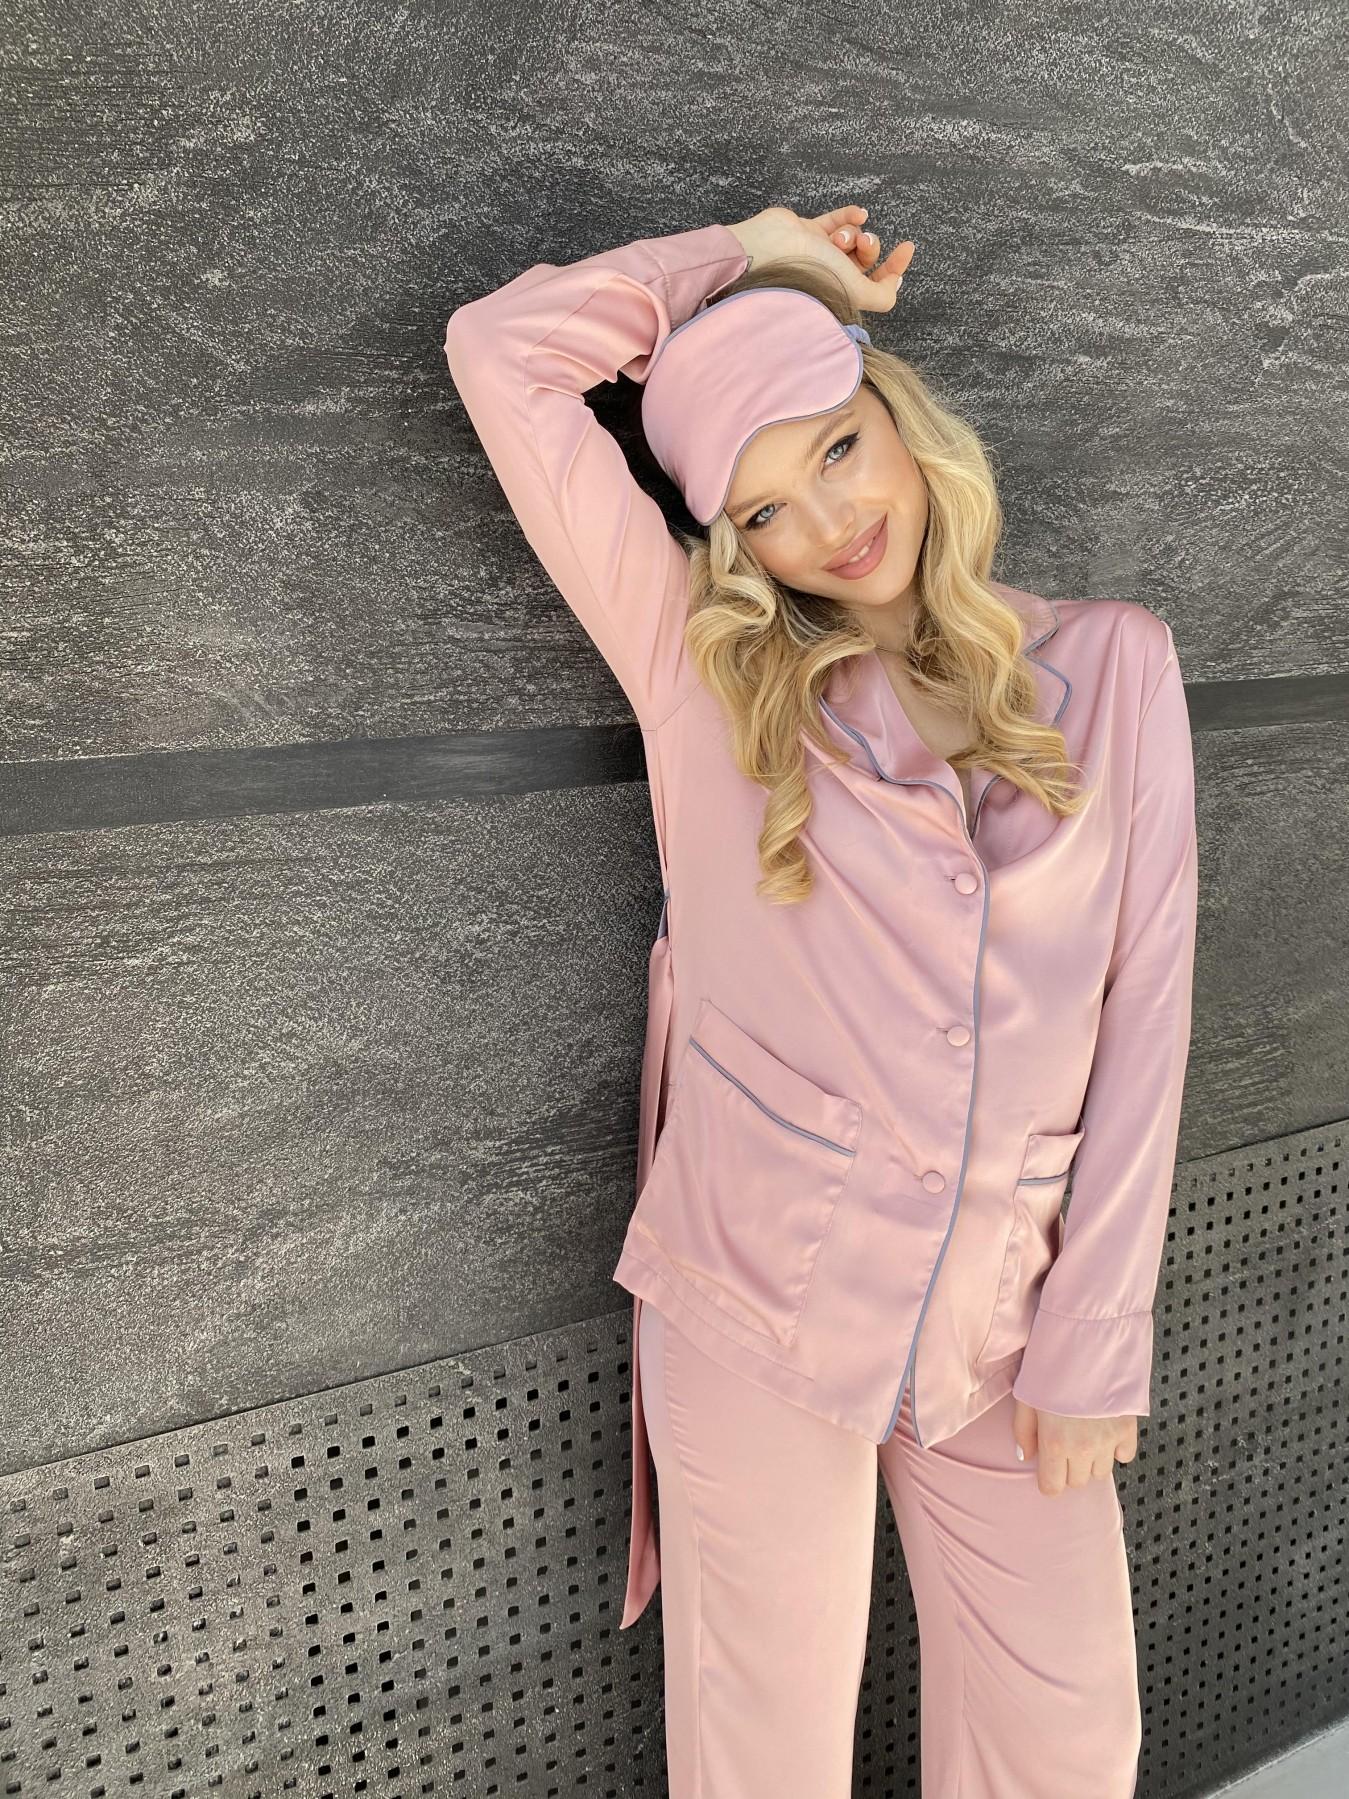 Шайн костюм из шелка  10778 АРТ. 47213 Цвет: Розовый - фото 9, интернет магазин tm-modus.ru